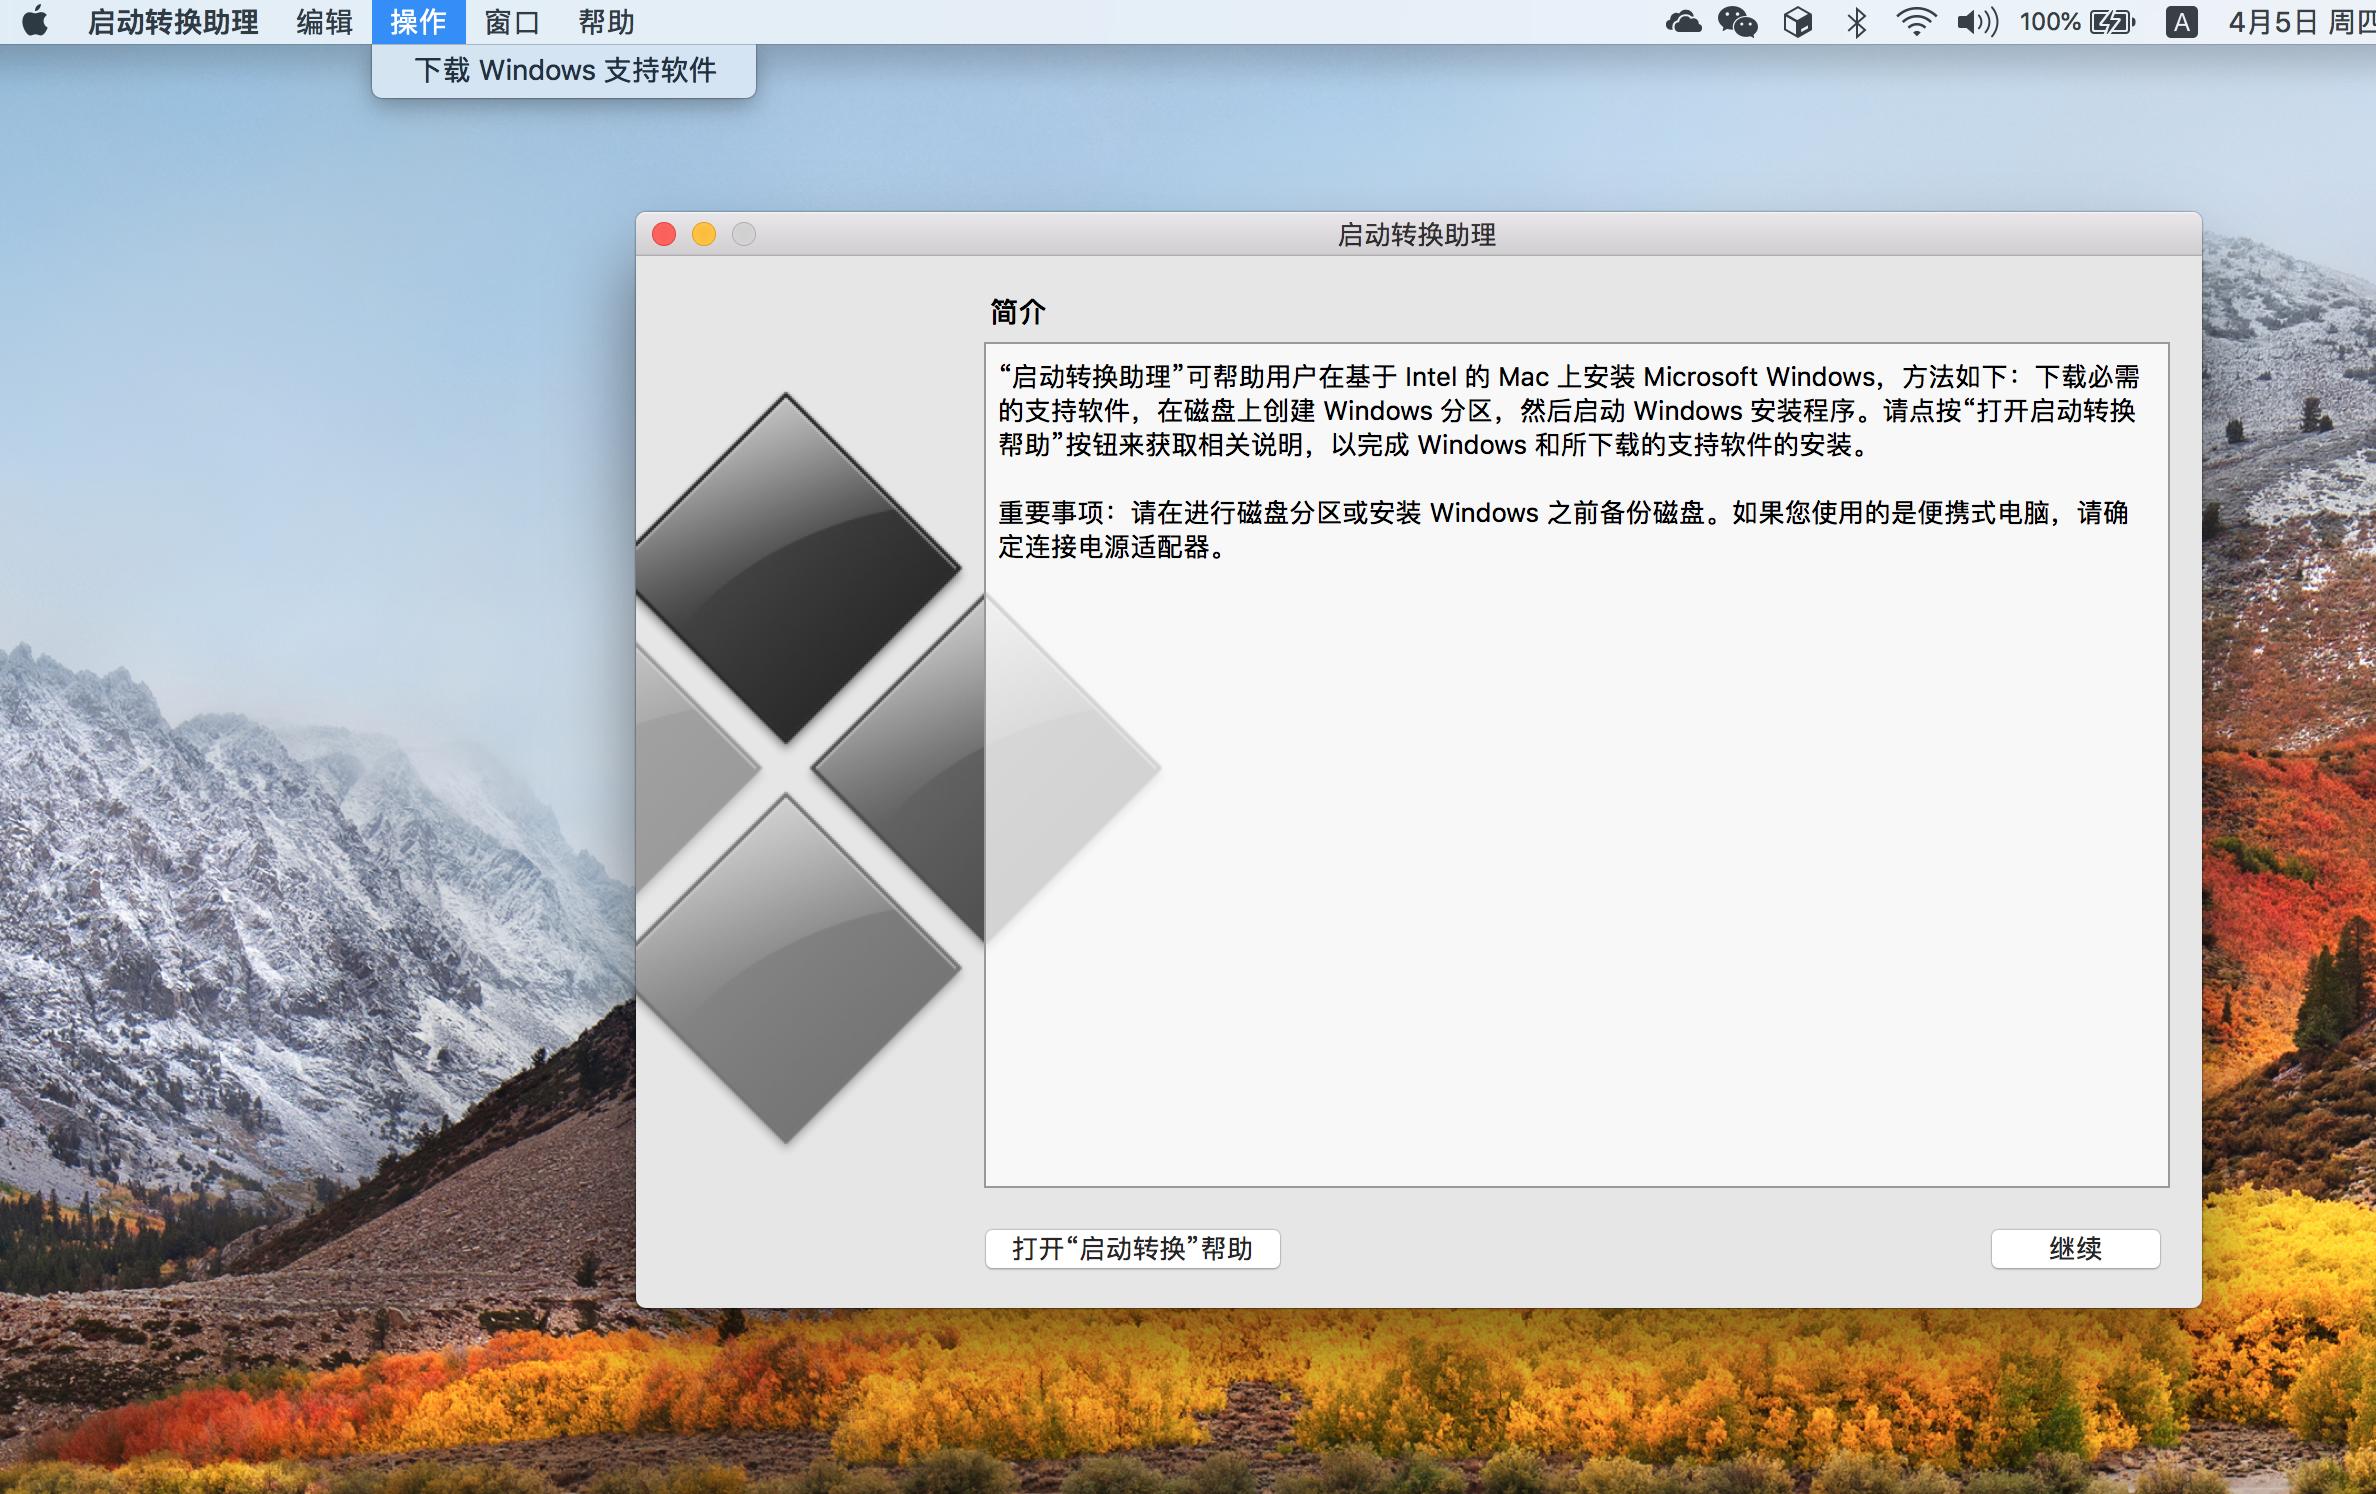 最新使用Mac自带的启动转换助理安装Windows10的详细方法教程-macbookpro 10.13.4